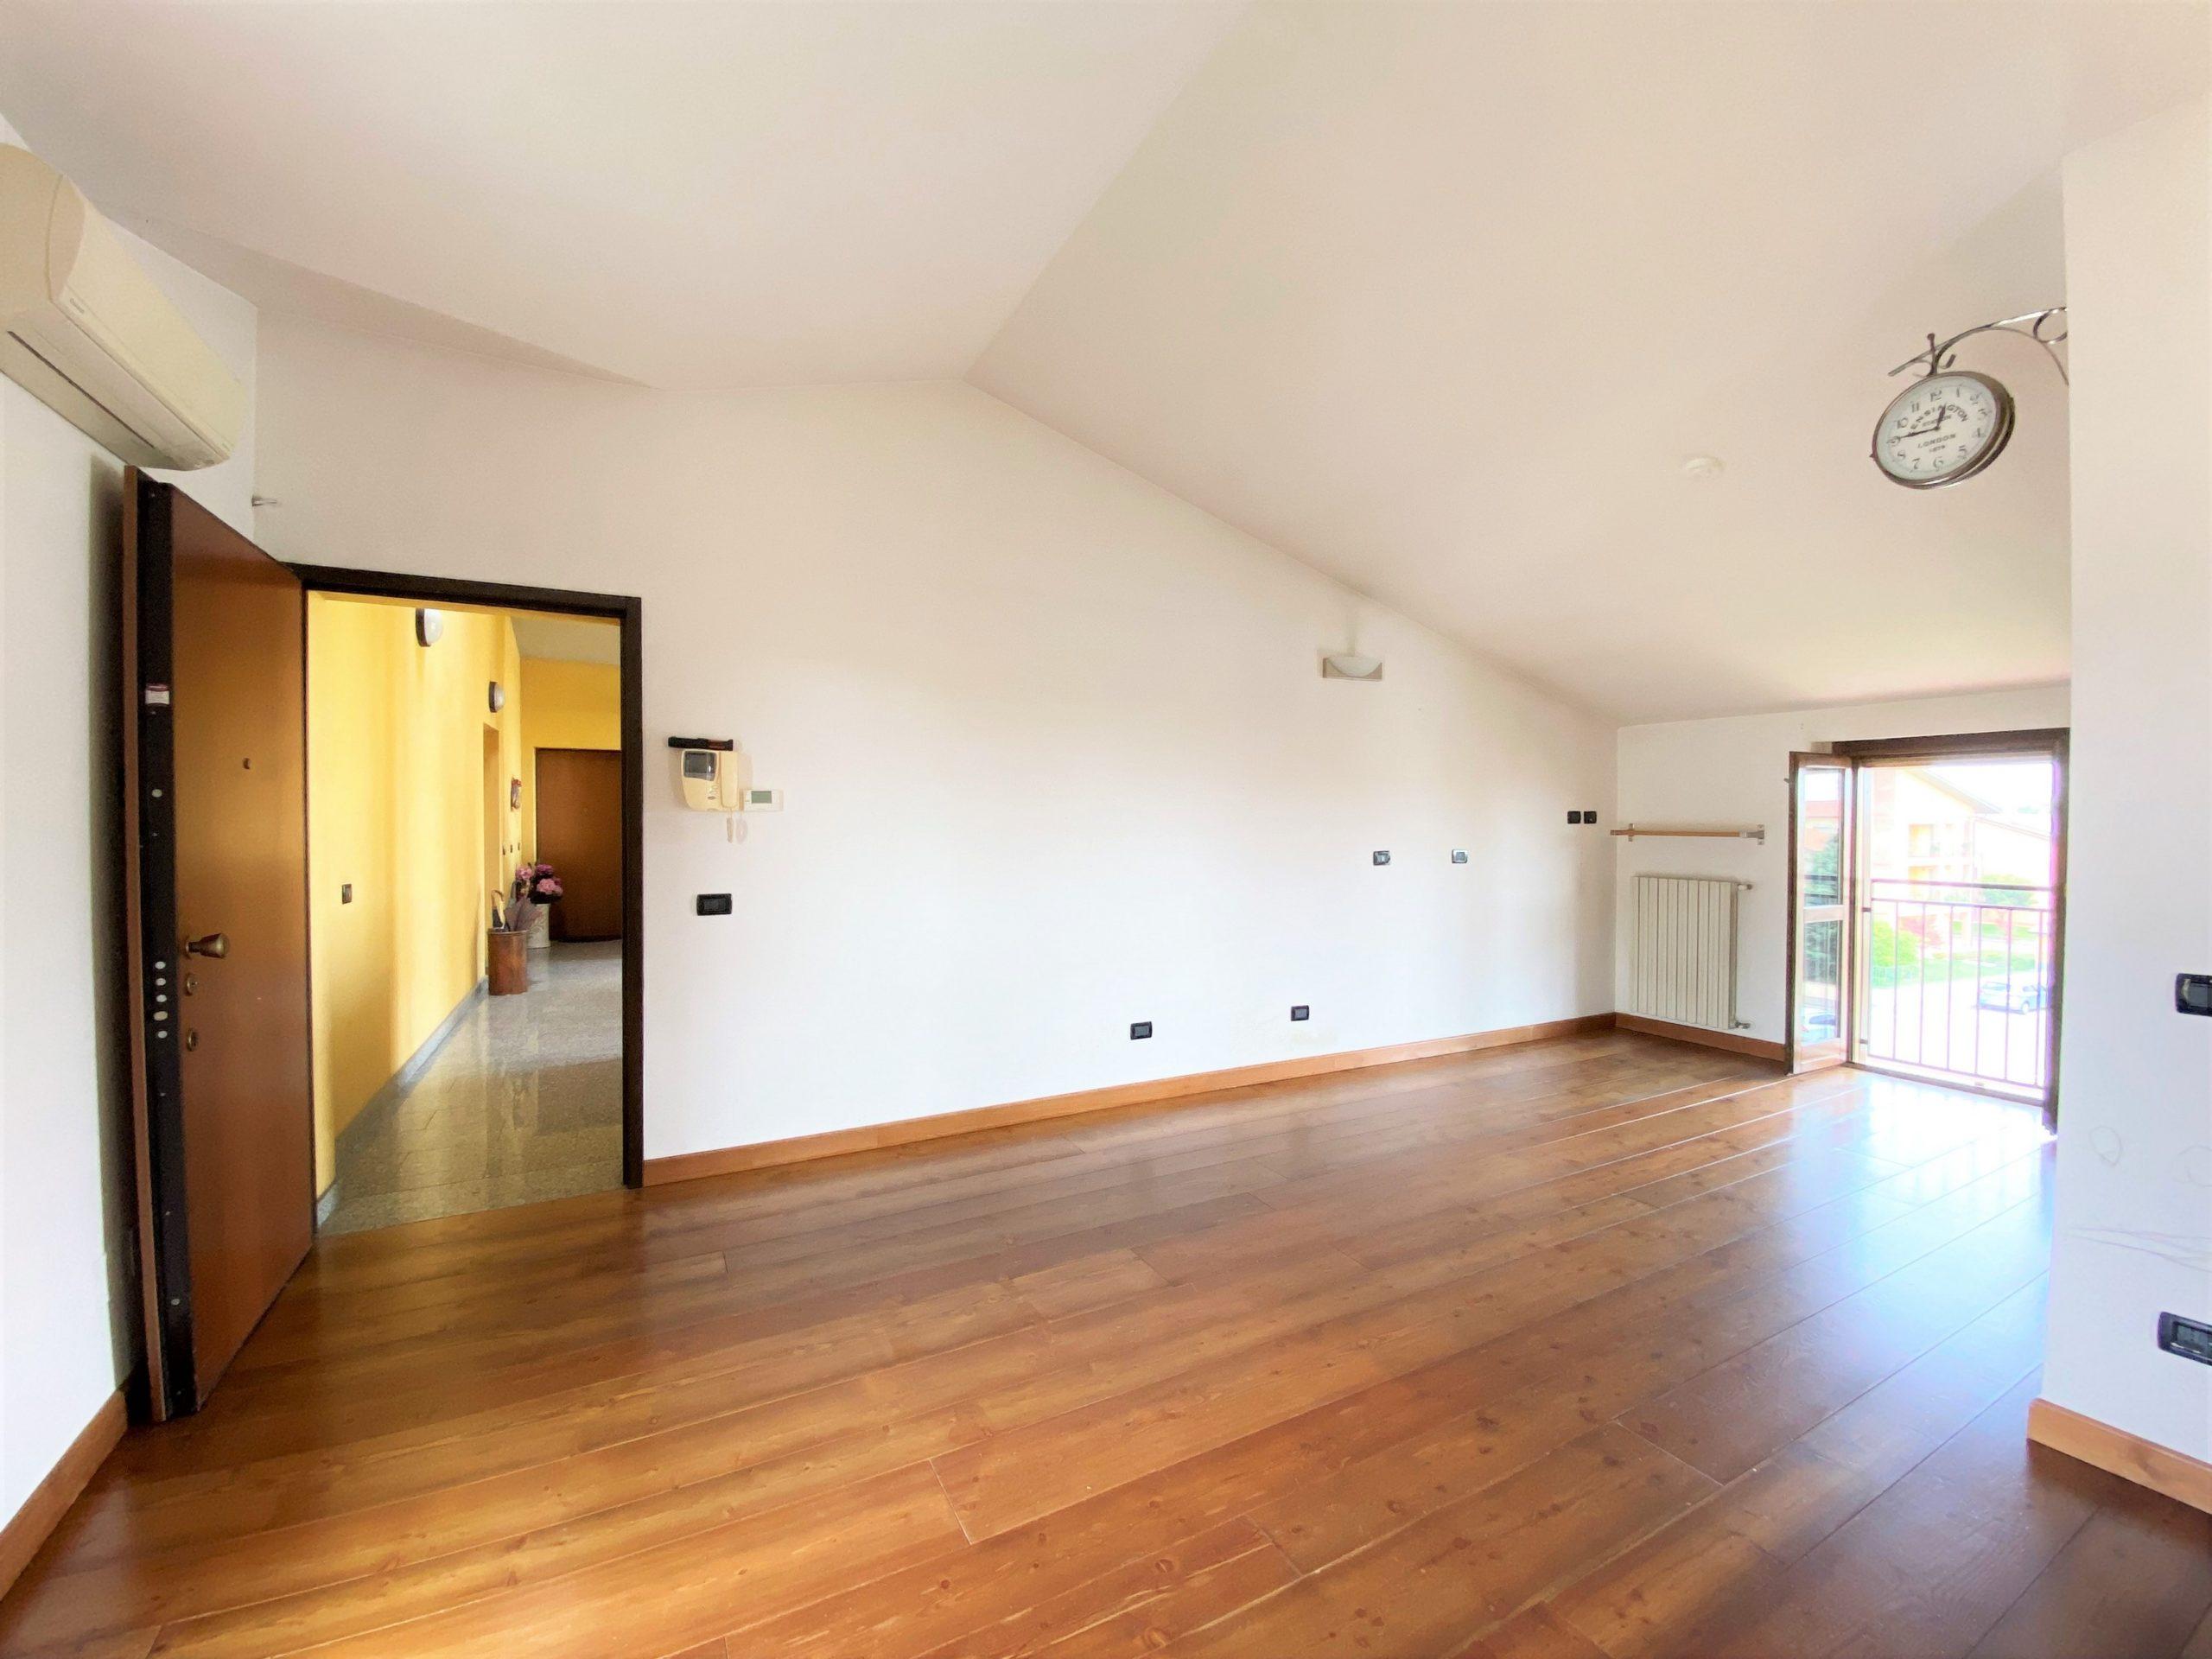 Casorate Primo (PV) – Appartamento trilocale secondo piano con ascensore